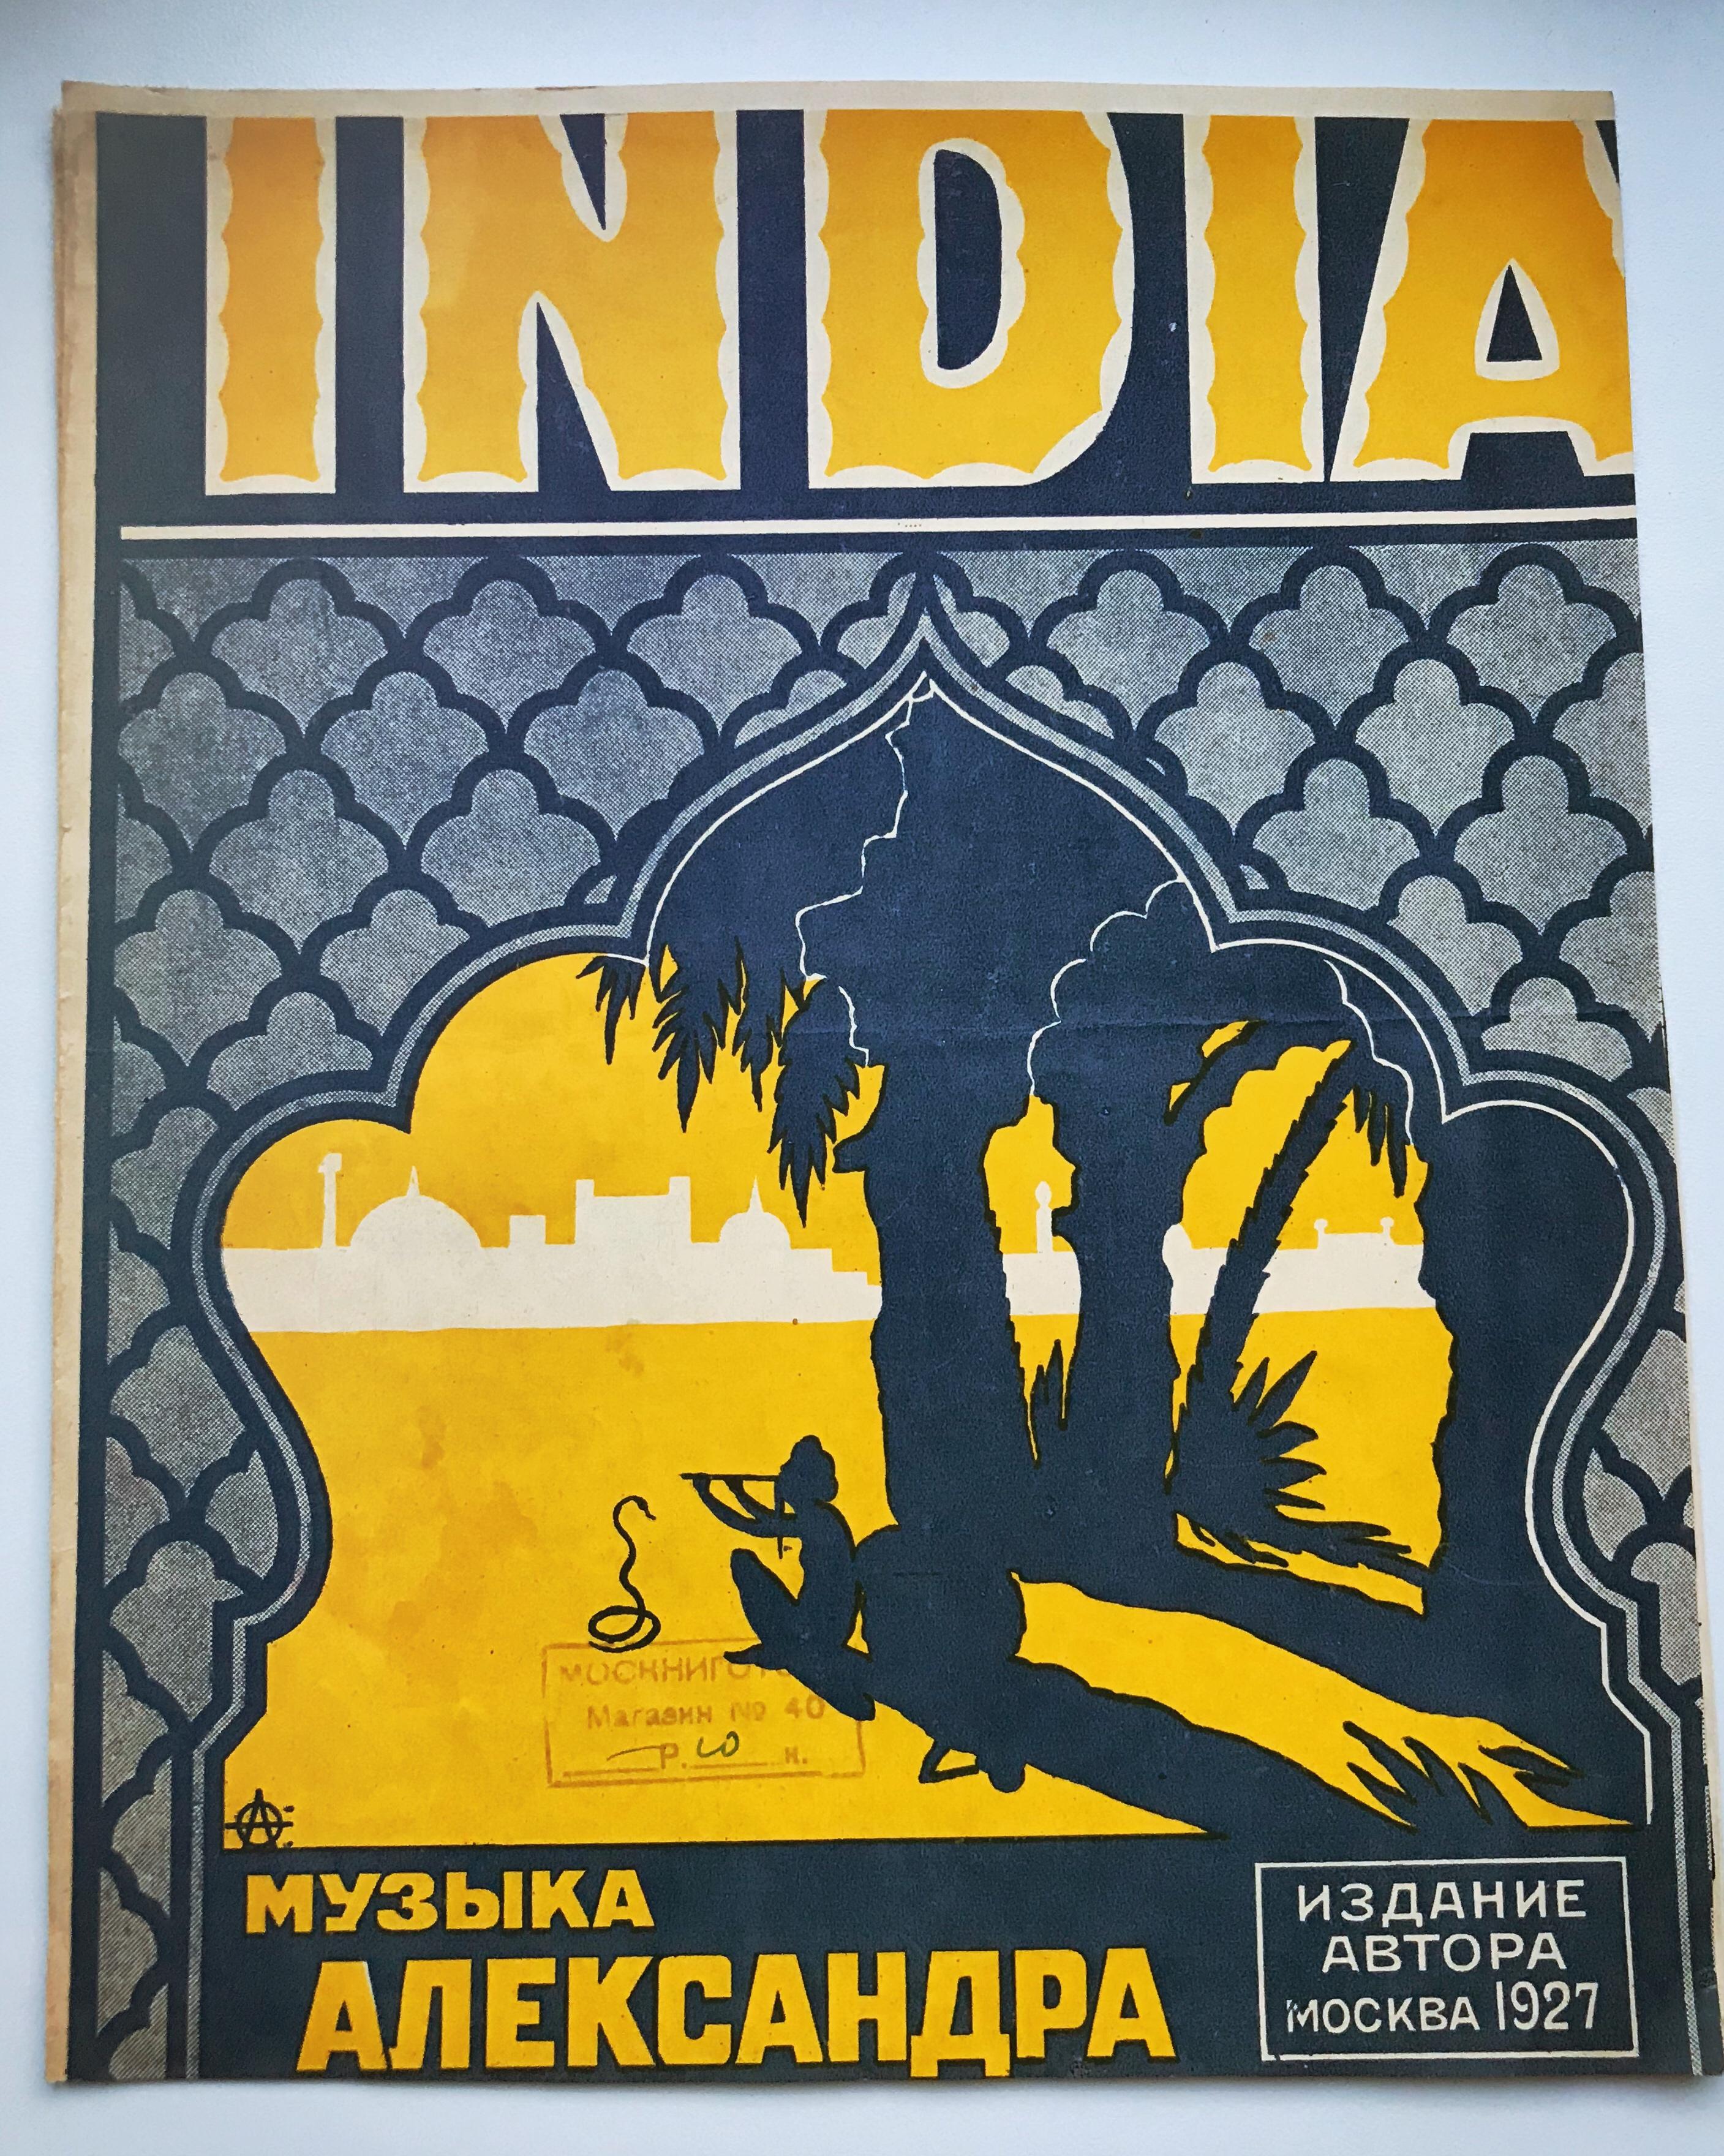 noten india